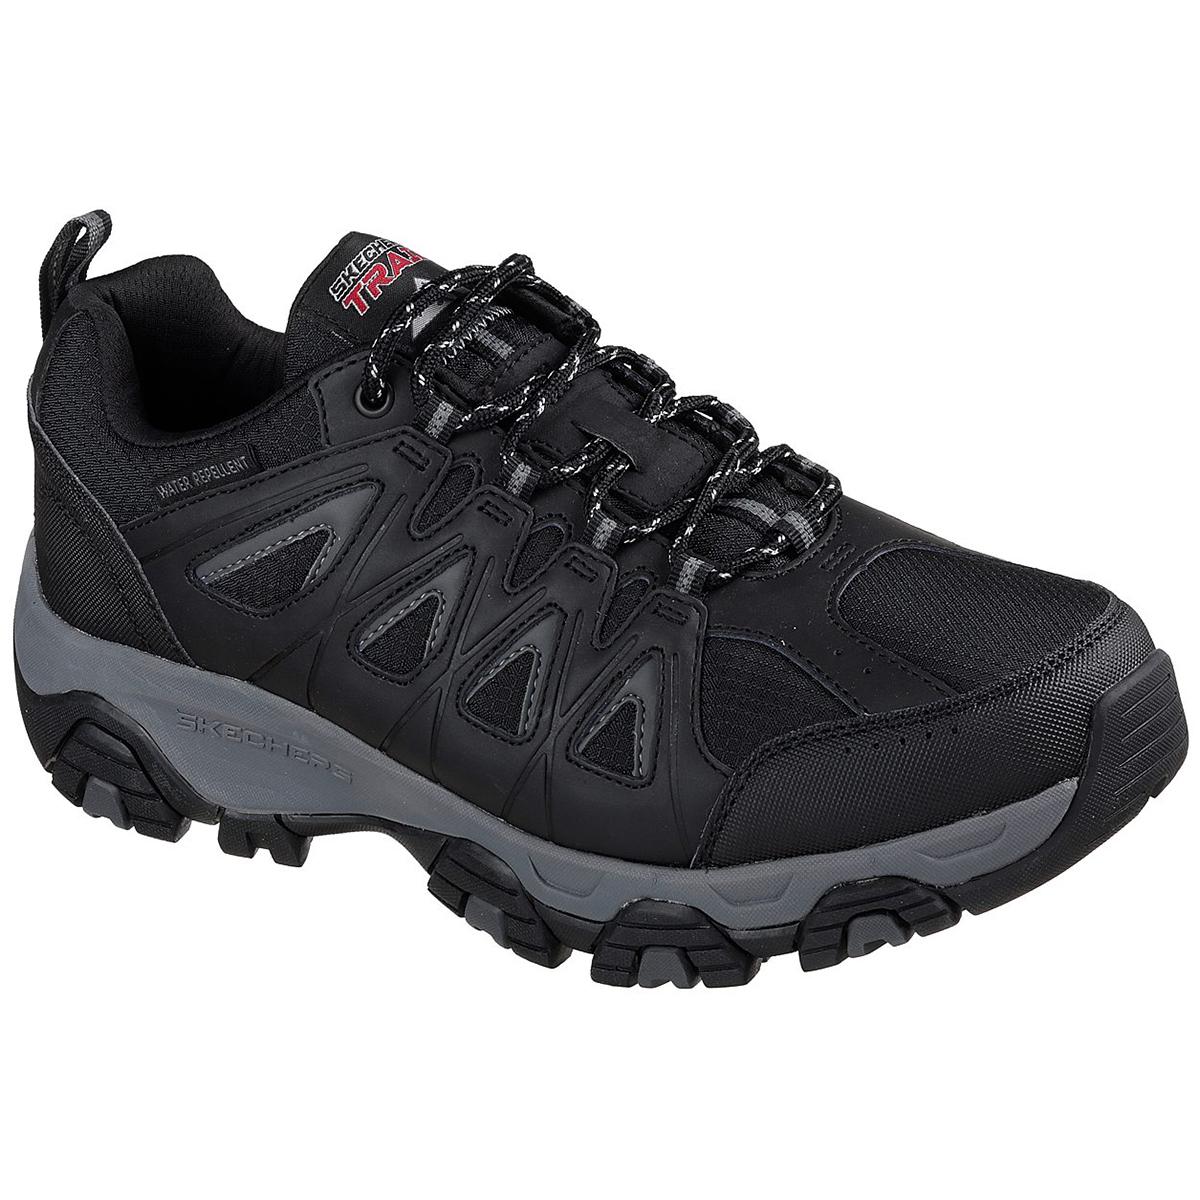 Skechers Men's Terrabite Trail Shoe - Black, 9